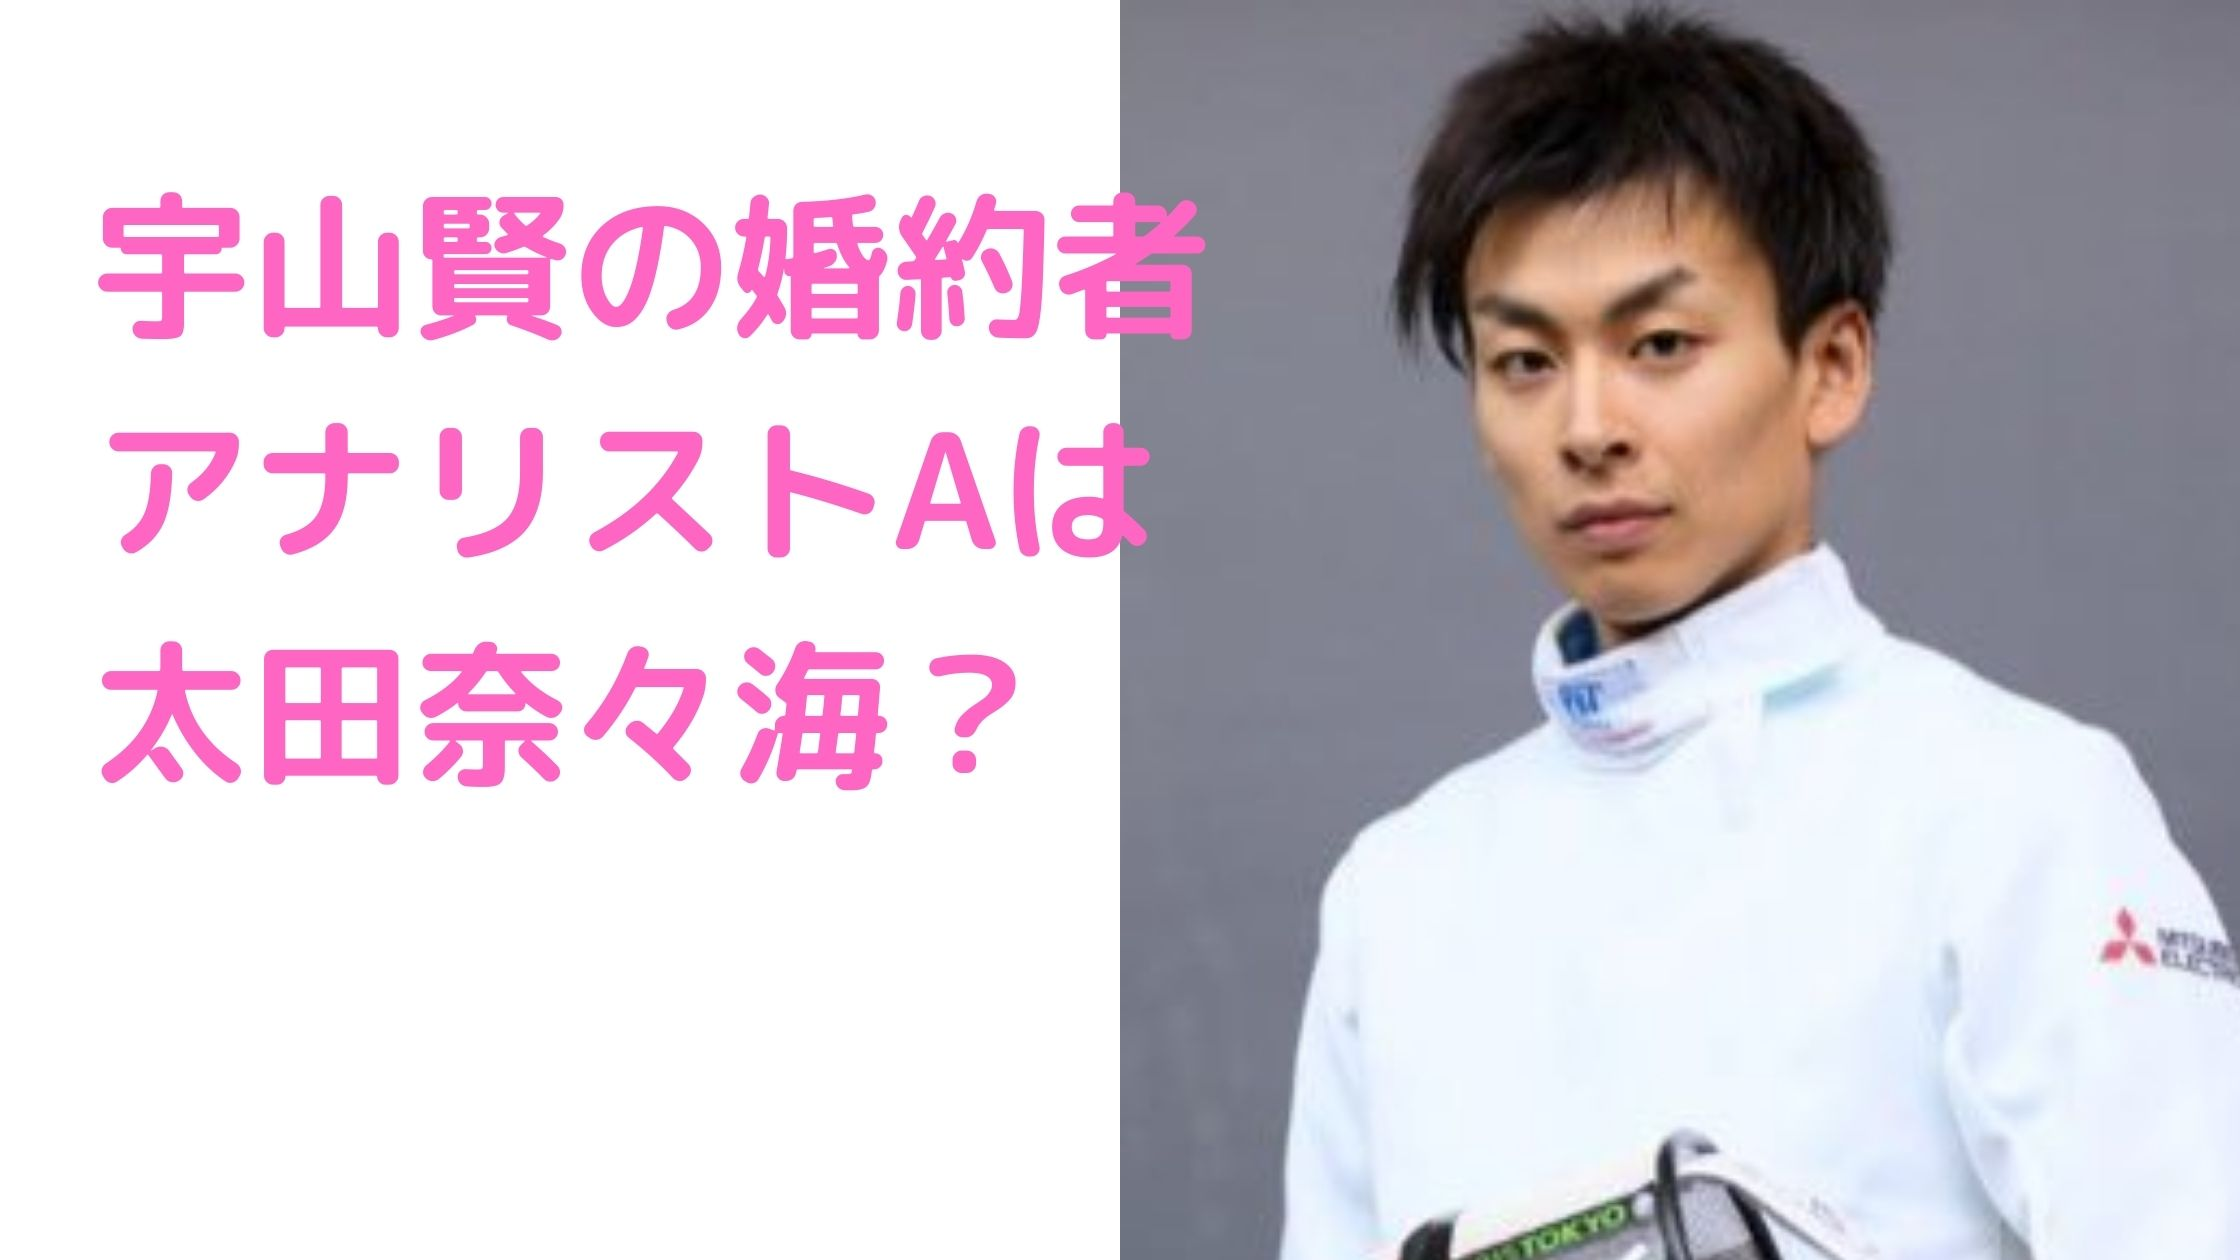 宇山賢 彼女 婚約者 アナリストA 太田奈々海